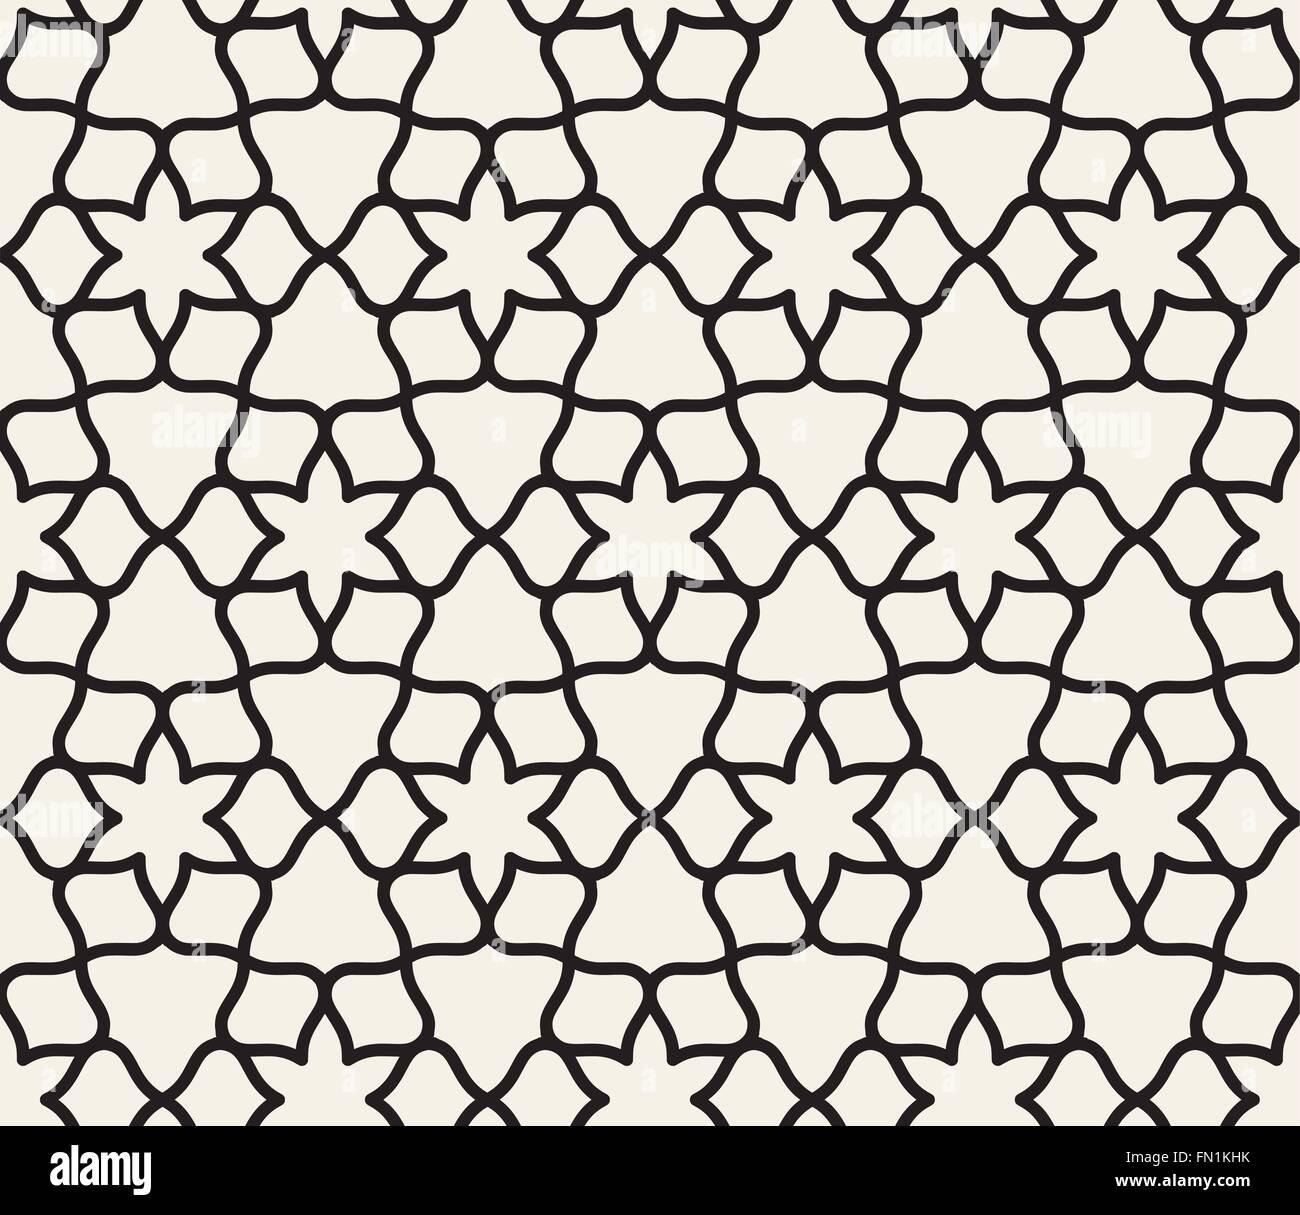 Islamische Musterdesign Vektoren Stockbild